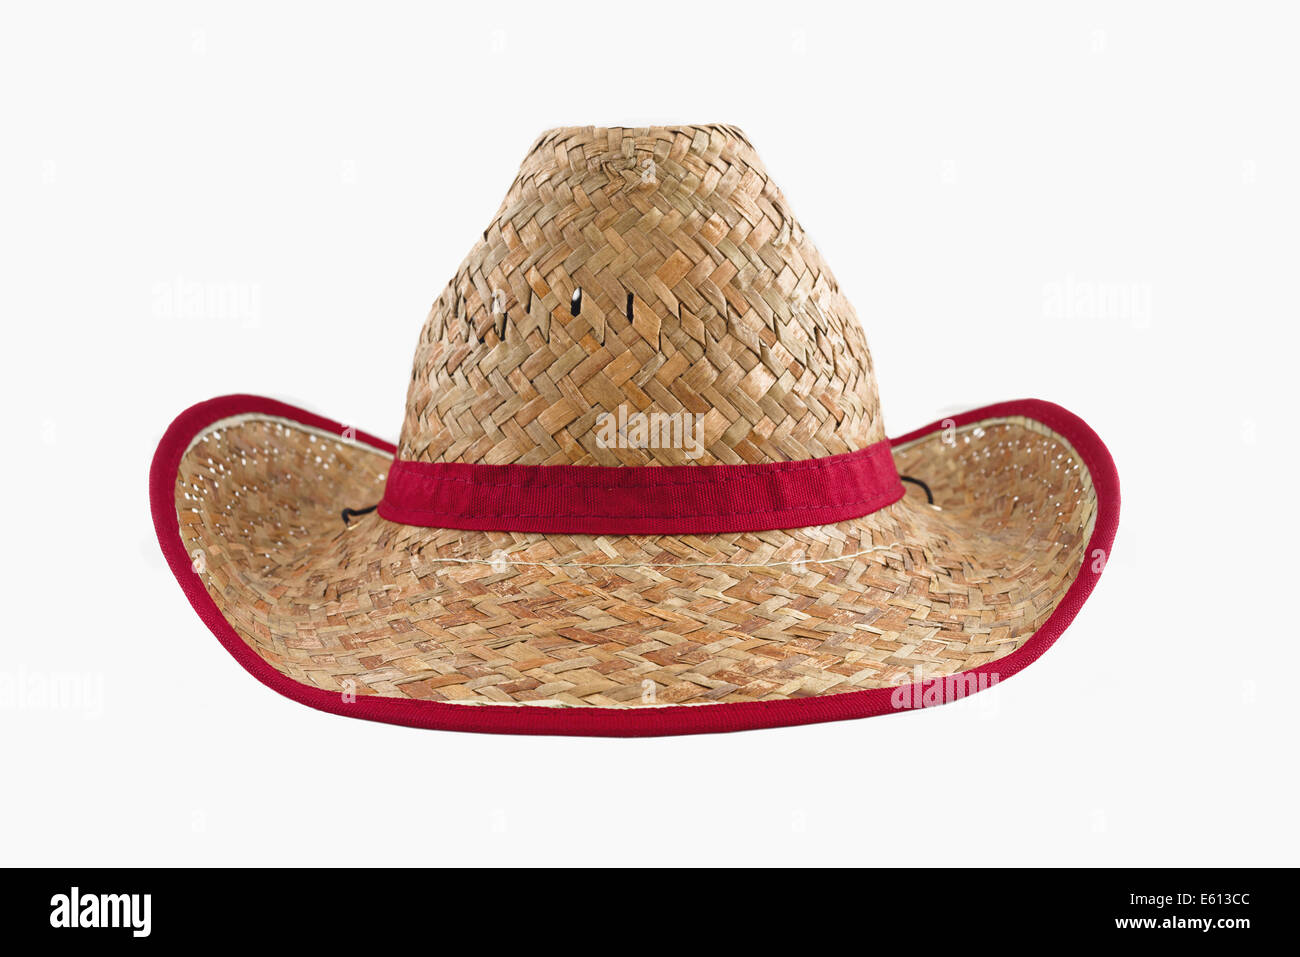 Cowboy americano tradicional sombrero de paja aislado sobre fondo blanco.  Accesorio de agricultor. Imagen f893112ac105